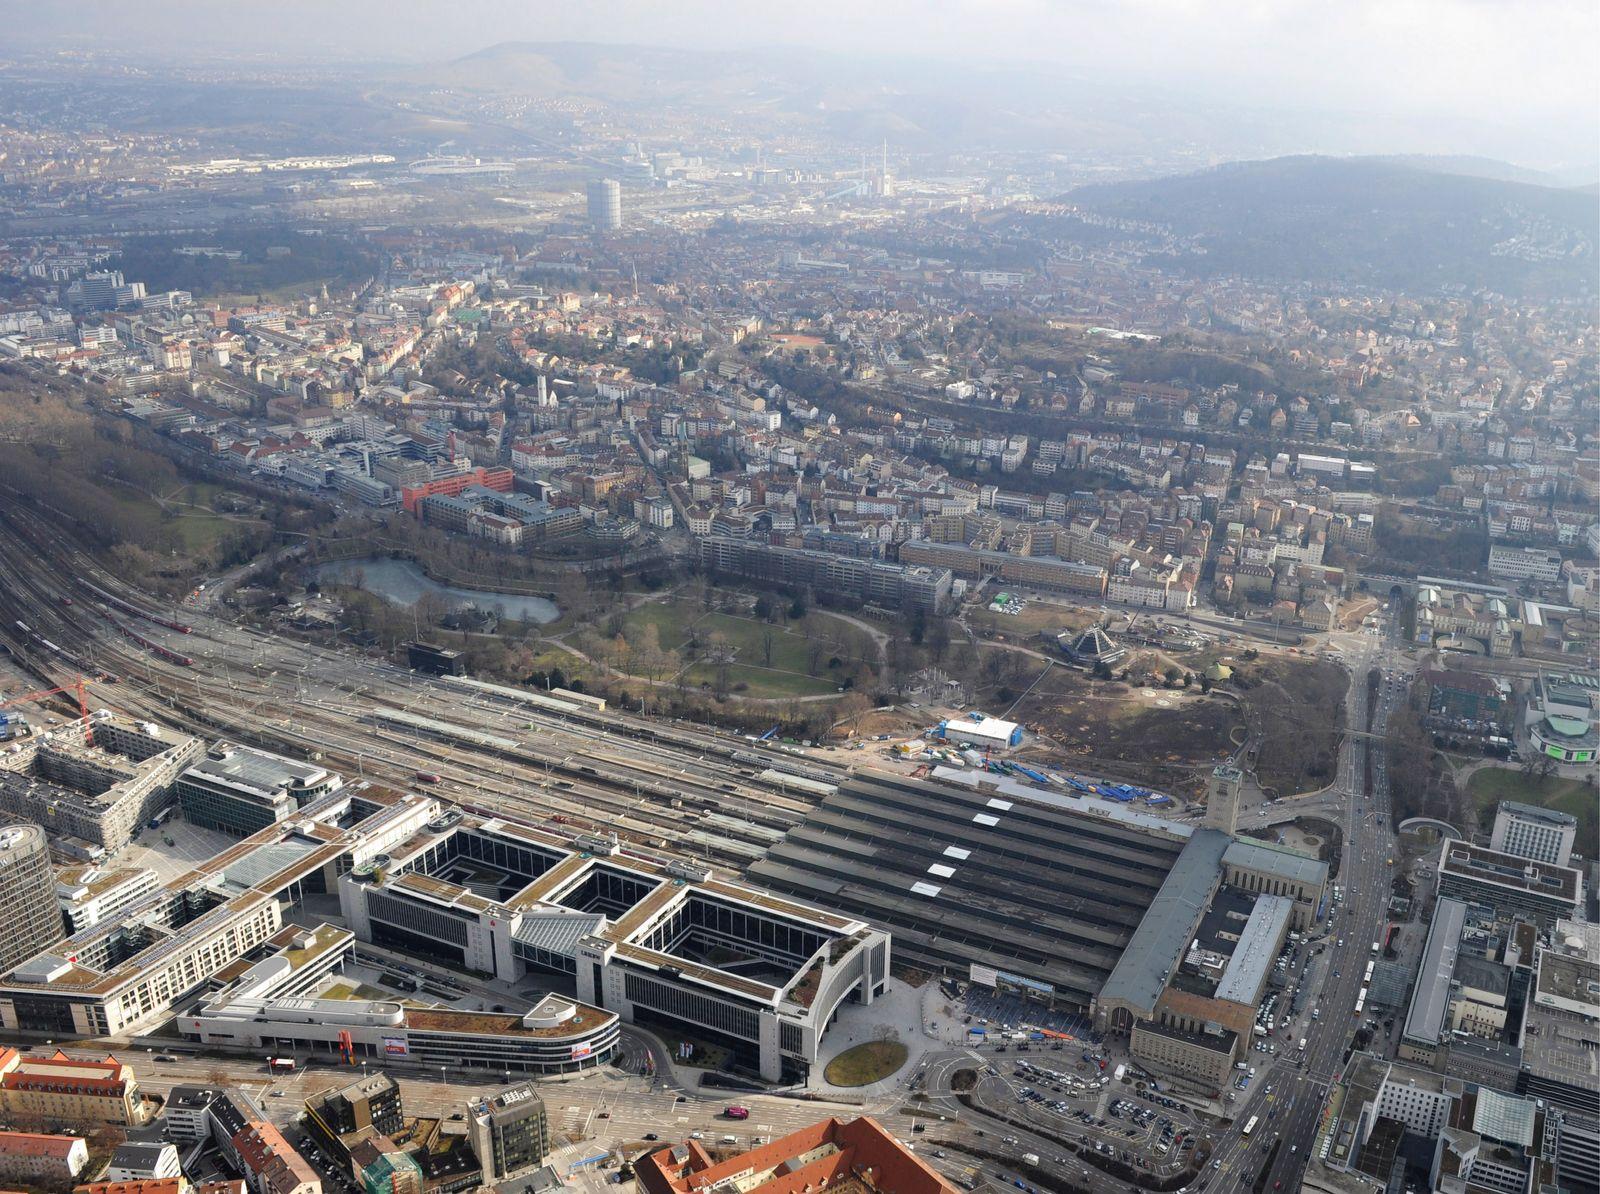 NICHT VERWENDEN Stuttgart 21 / Baustelle / Luftbild